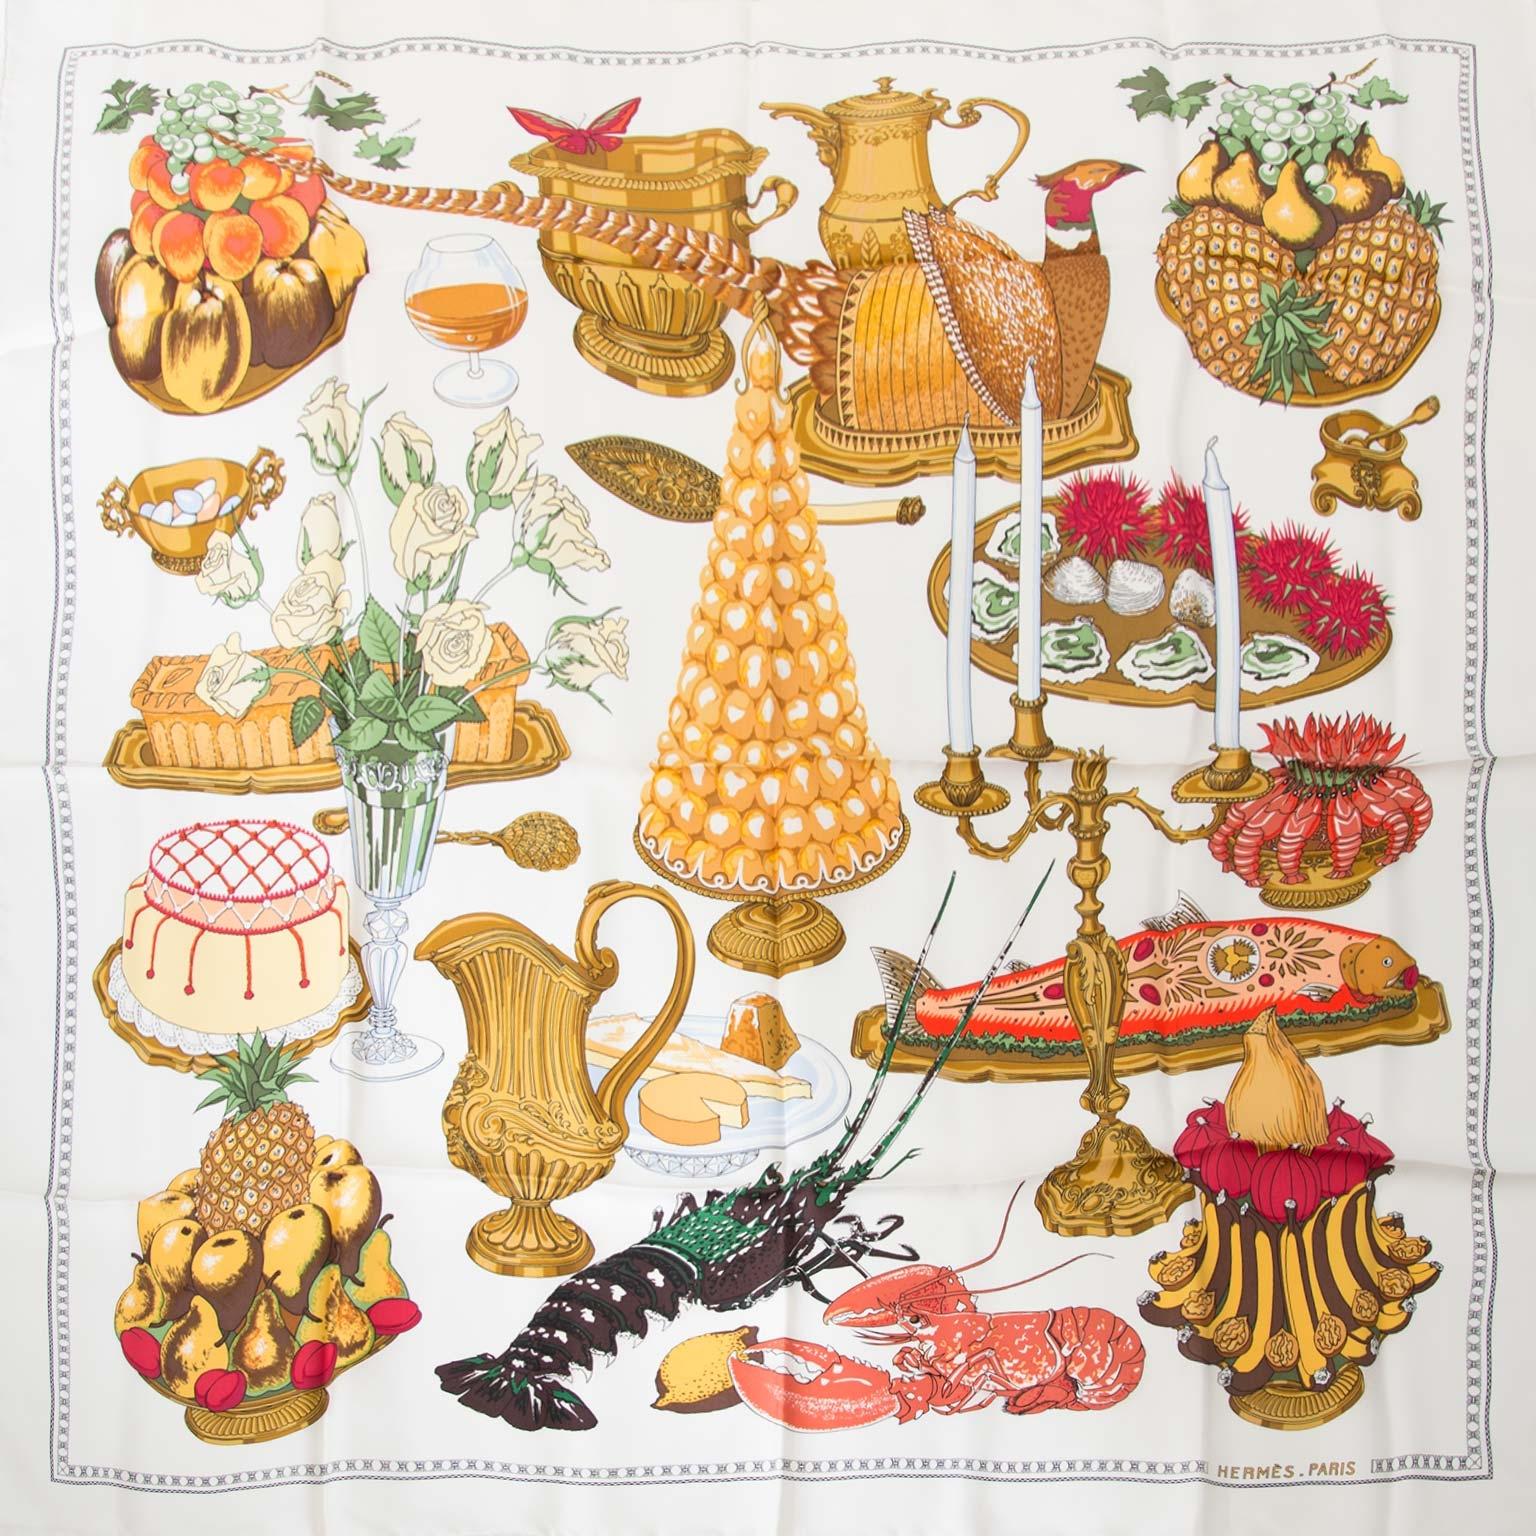 Koop authentieke Hermes sjaals bij LabelLOV, vintage shop, Antwerp.